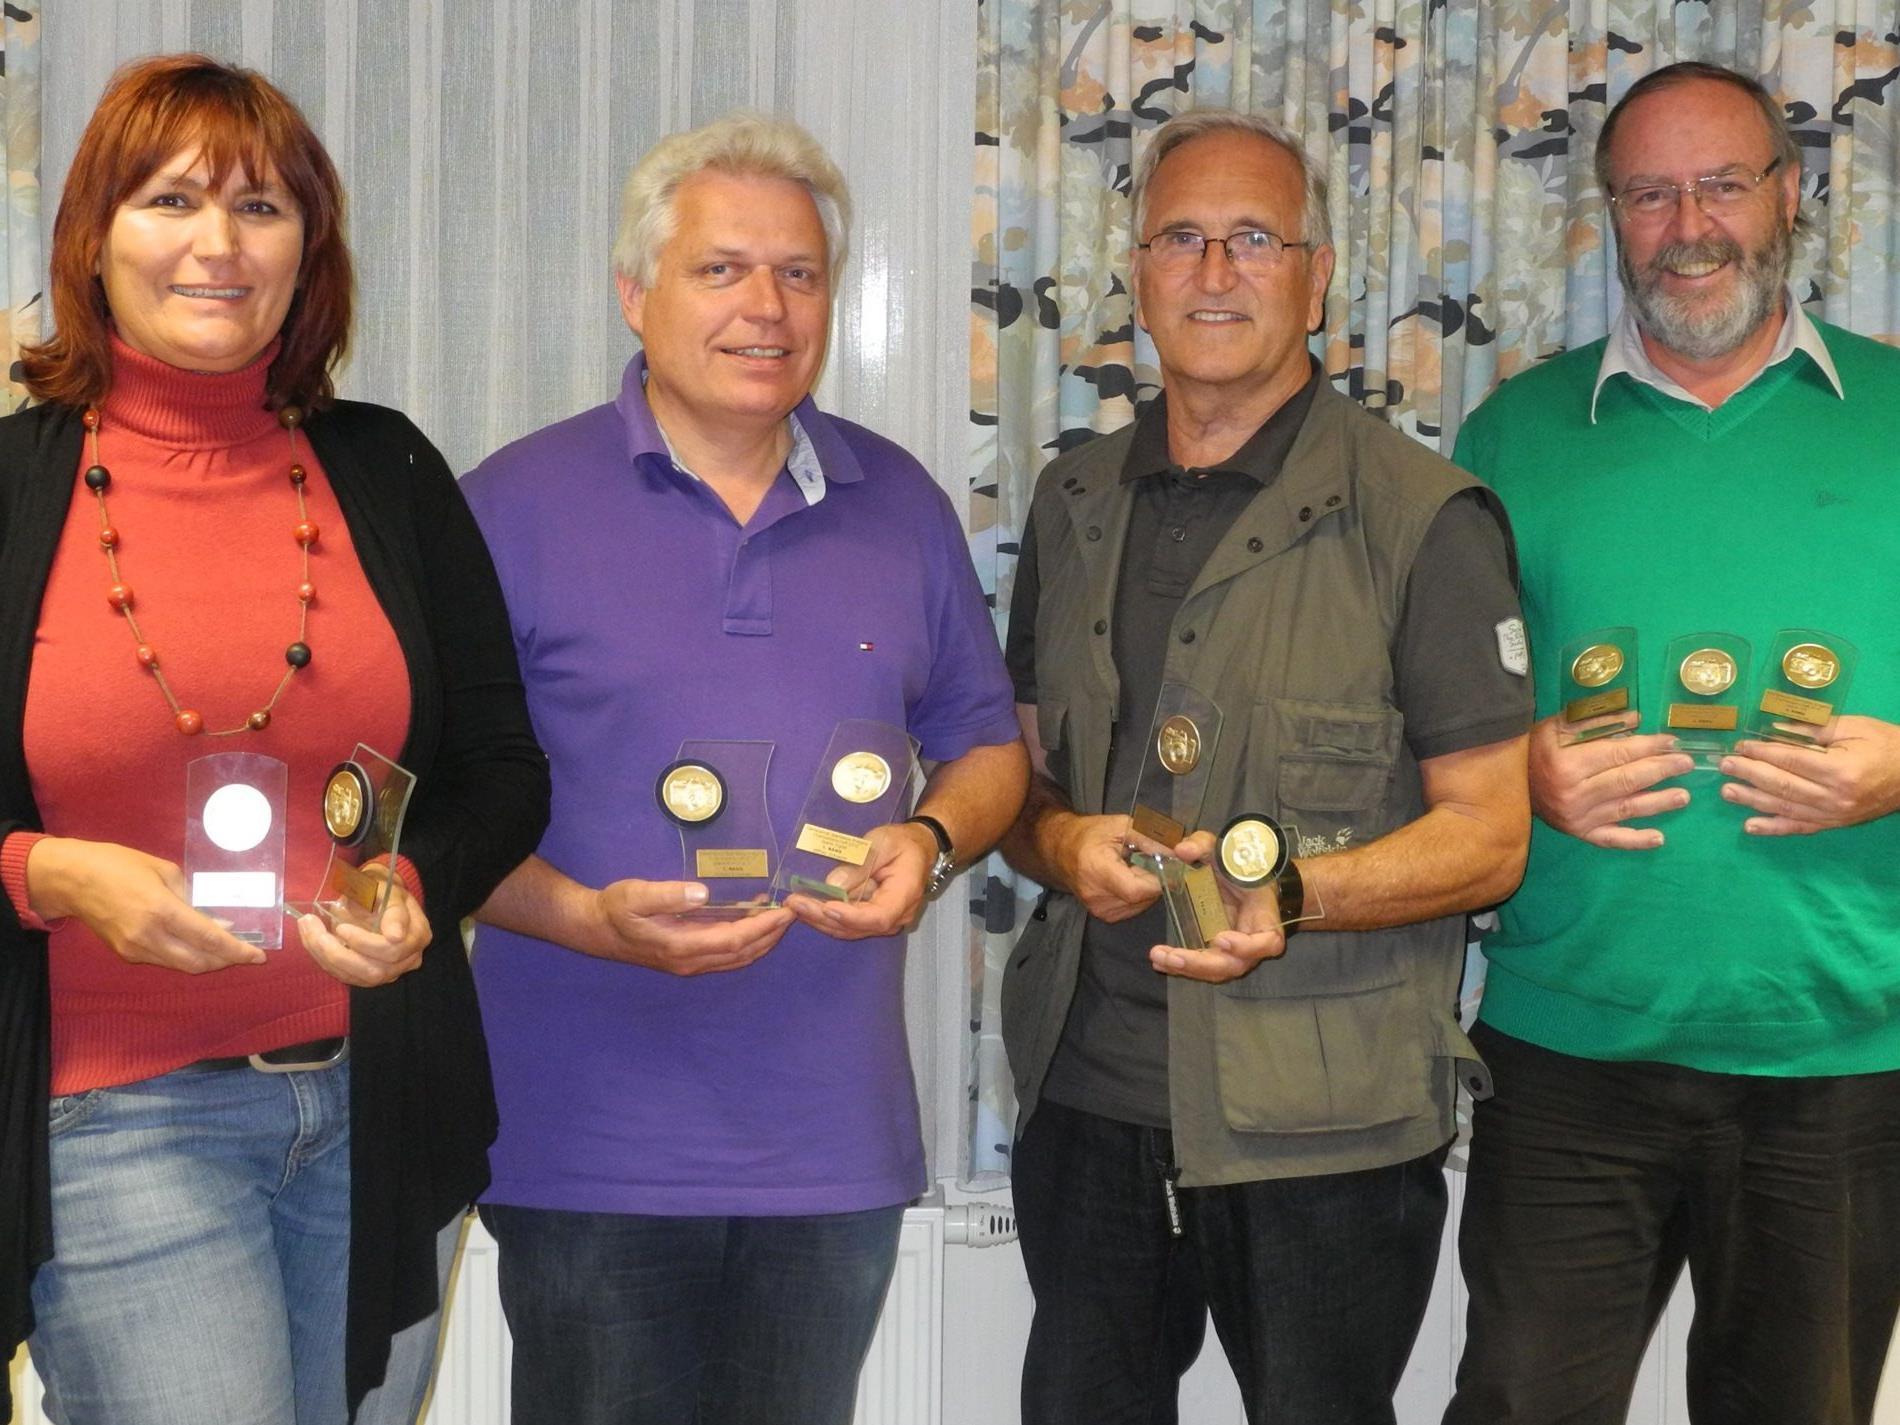 v.l.n.r.: Claudia Longo, Wilfried Schneider, Erich Auderer, Heinrich Spöttl